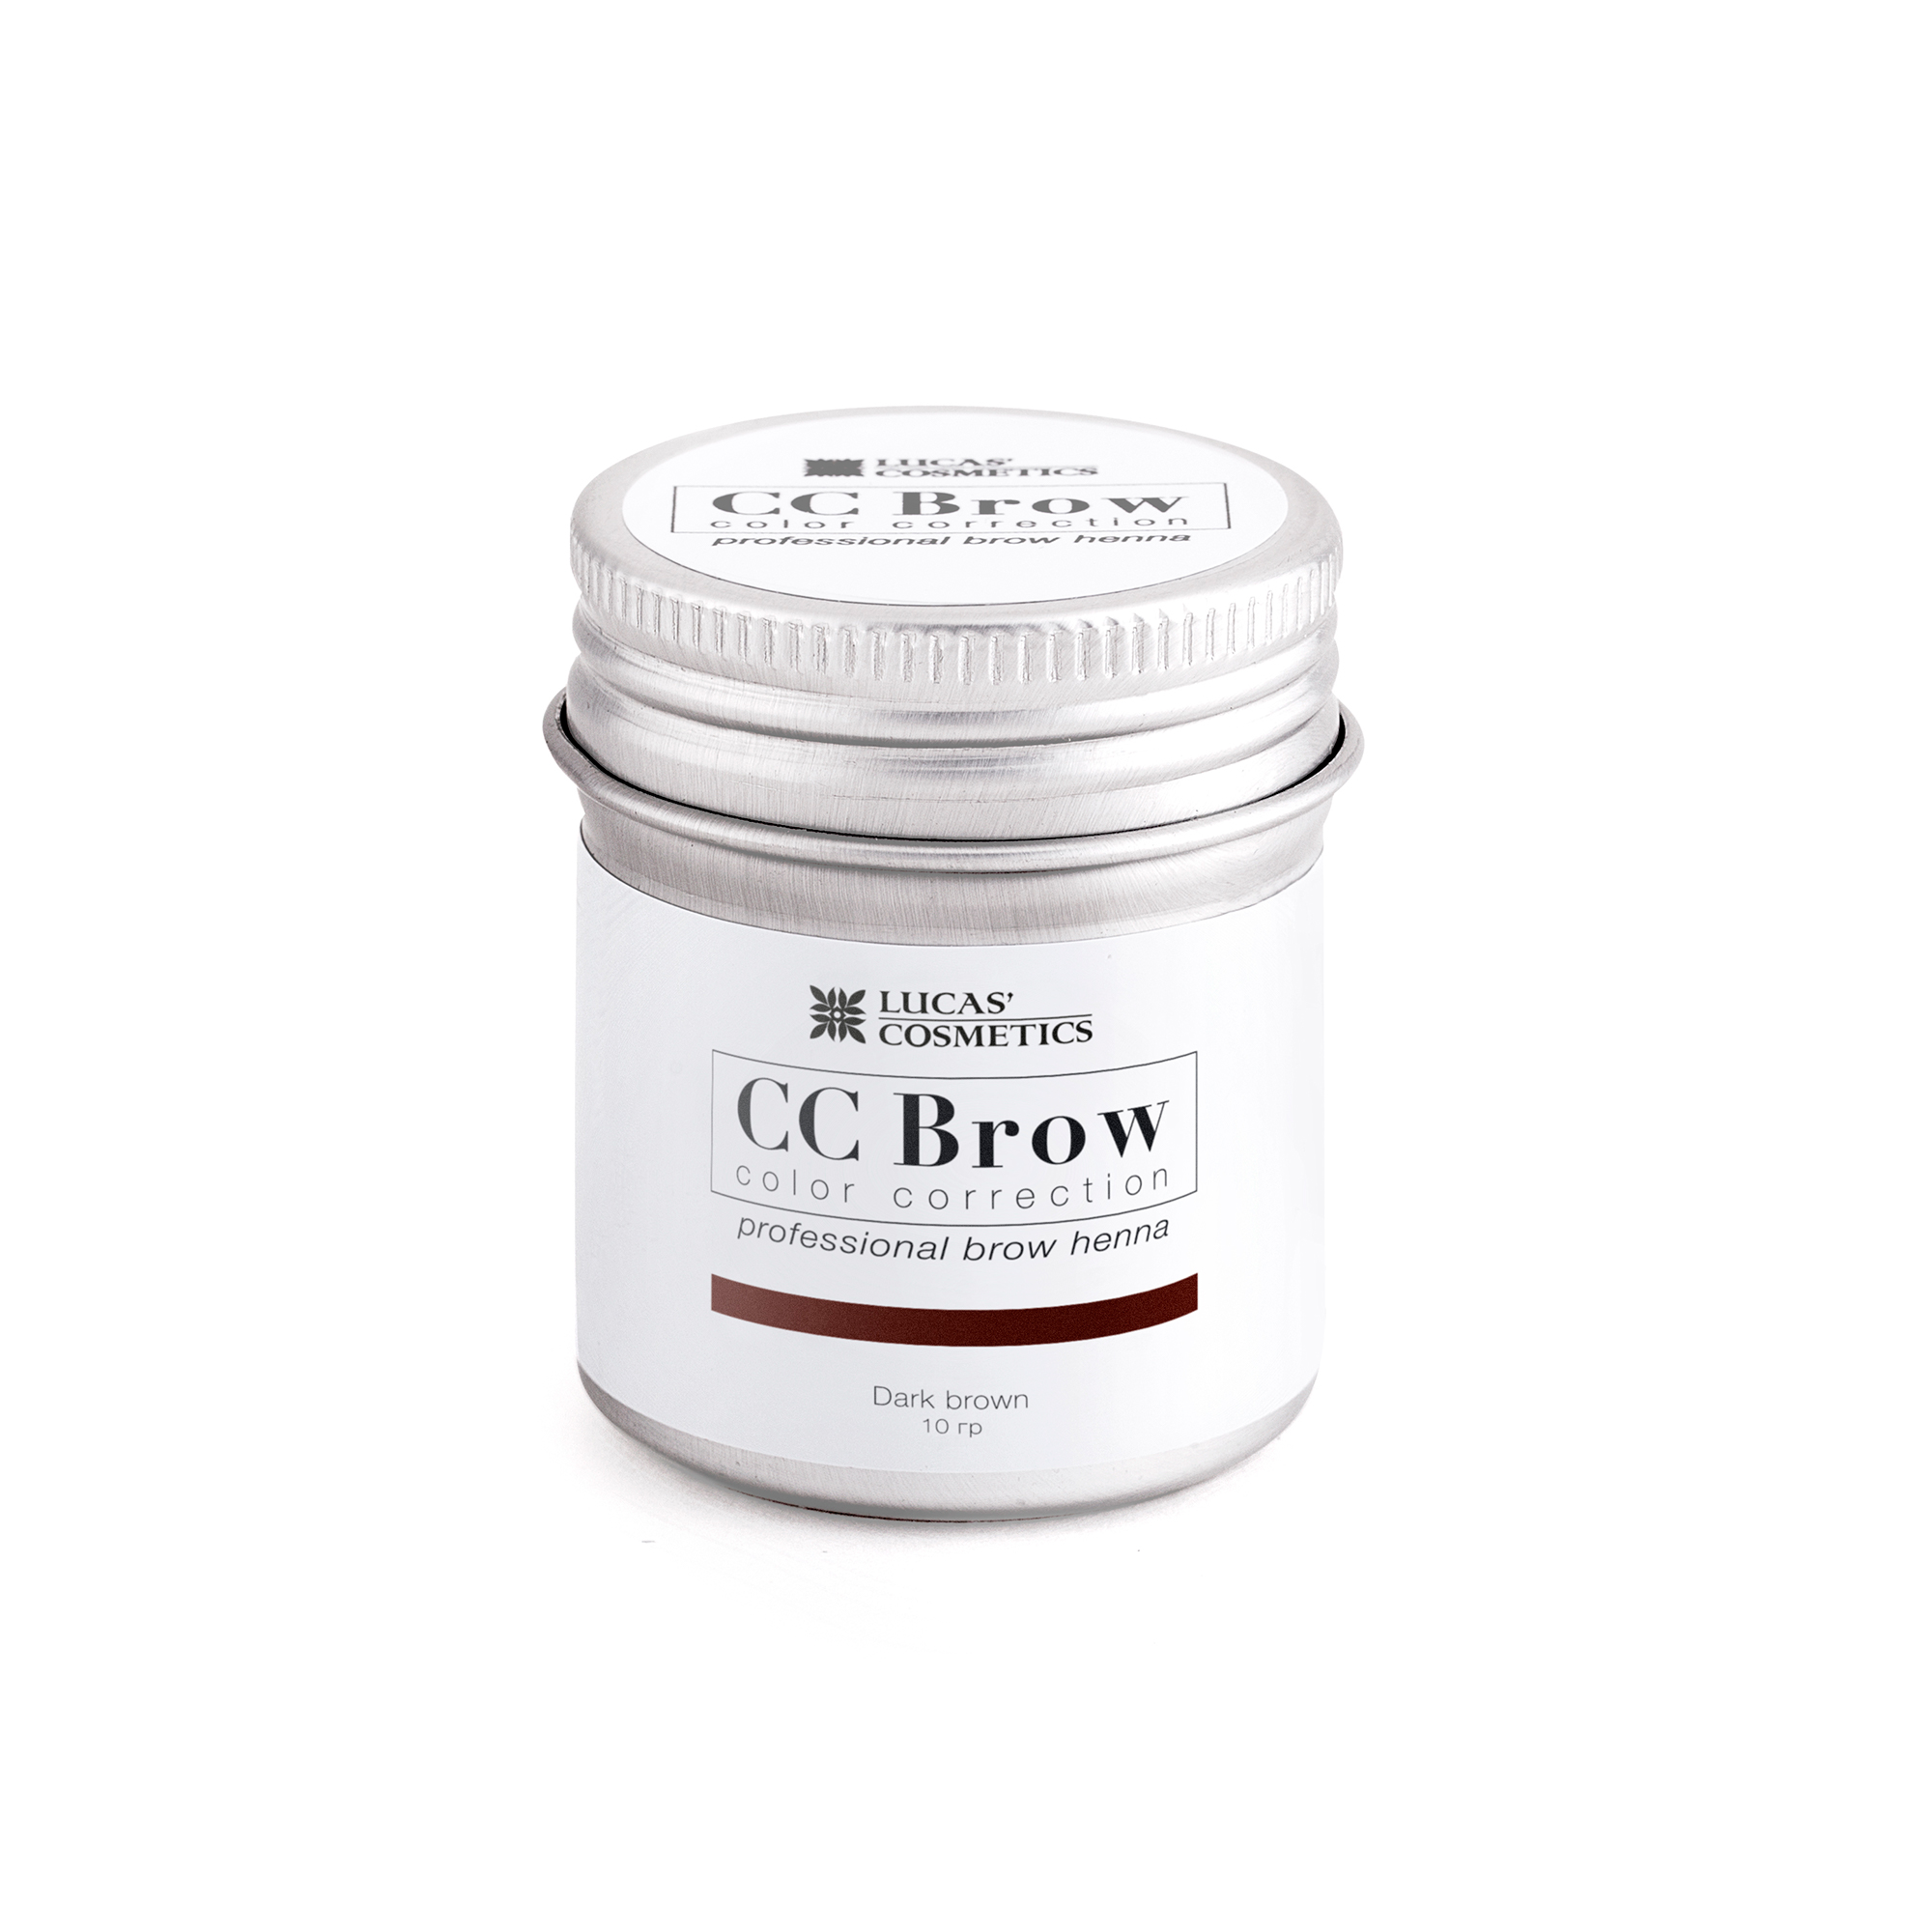 LUCAS' COSMETICS Хна для бровей, темно-коричневый (в баночке) / CC Brow dark brown 10 г - Хна для бровей